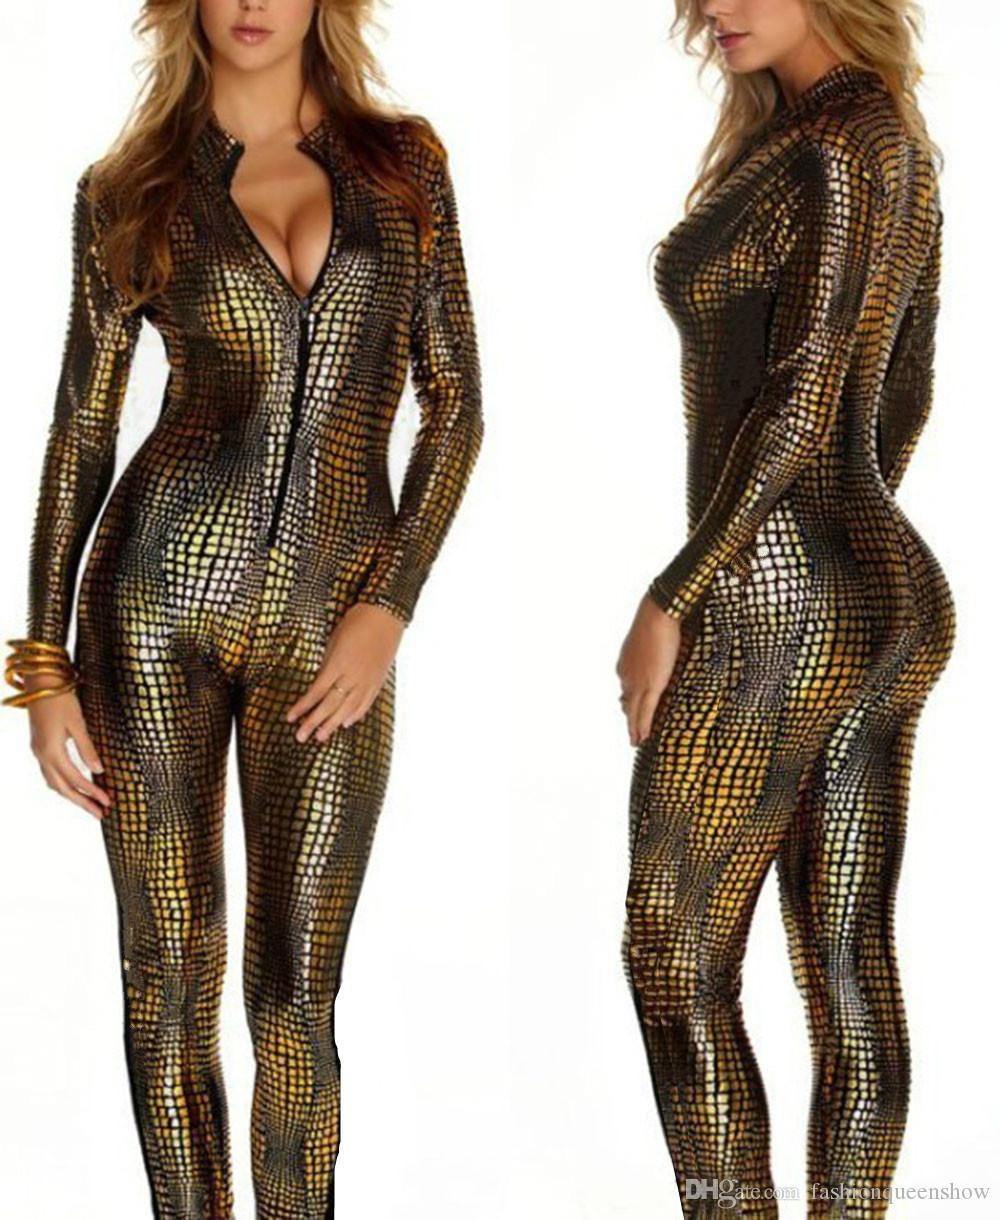 3 Colori Novità Snakeskin Costume Delle Signore Sexy Faux Leather Catsuit Gioco Cosplay Gothic Zipper Up Tuta Ragazza Discoteca Vestiti Da Ballo